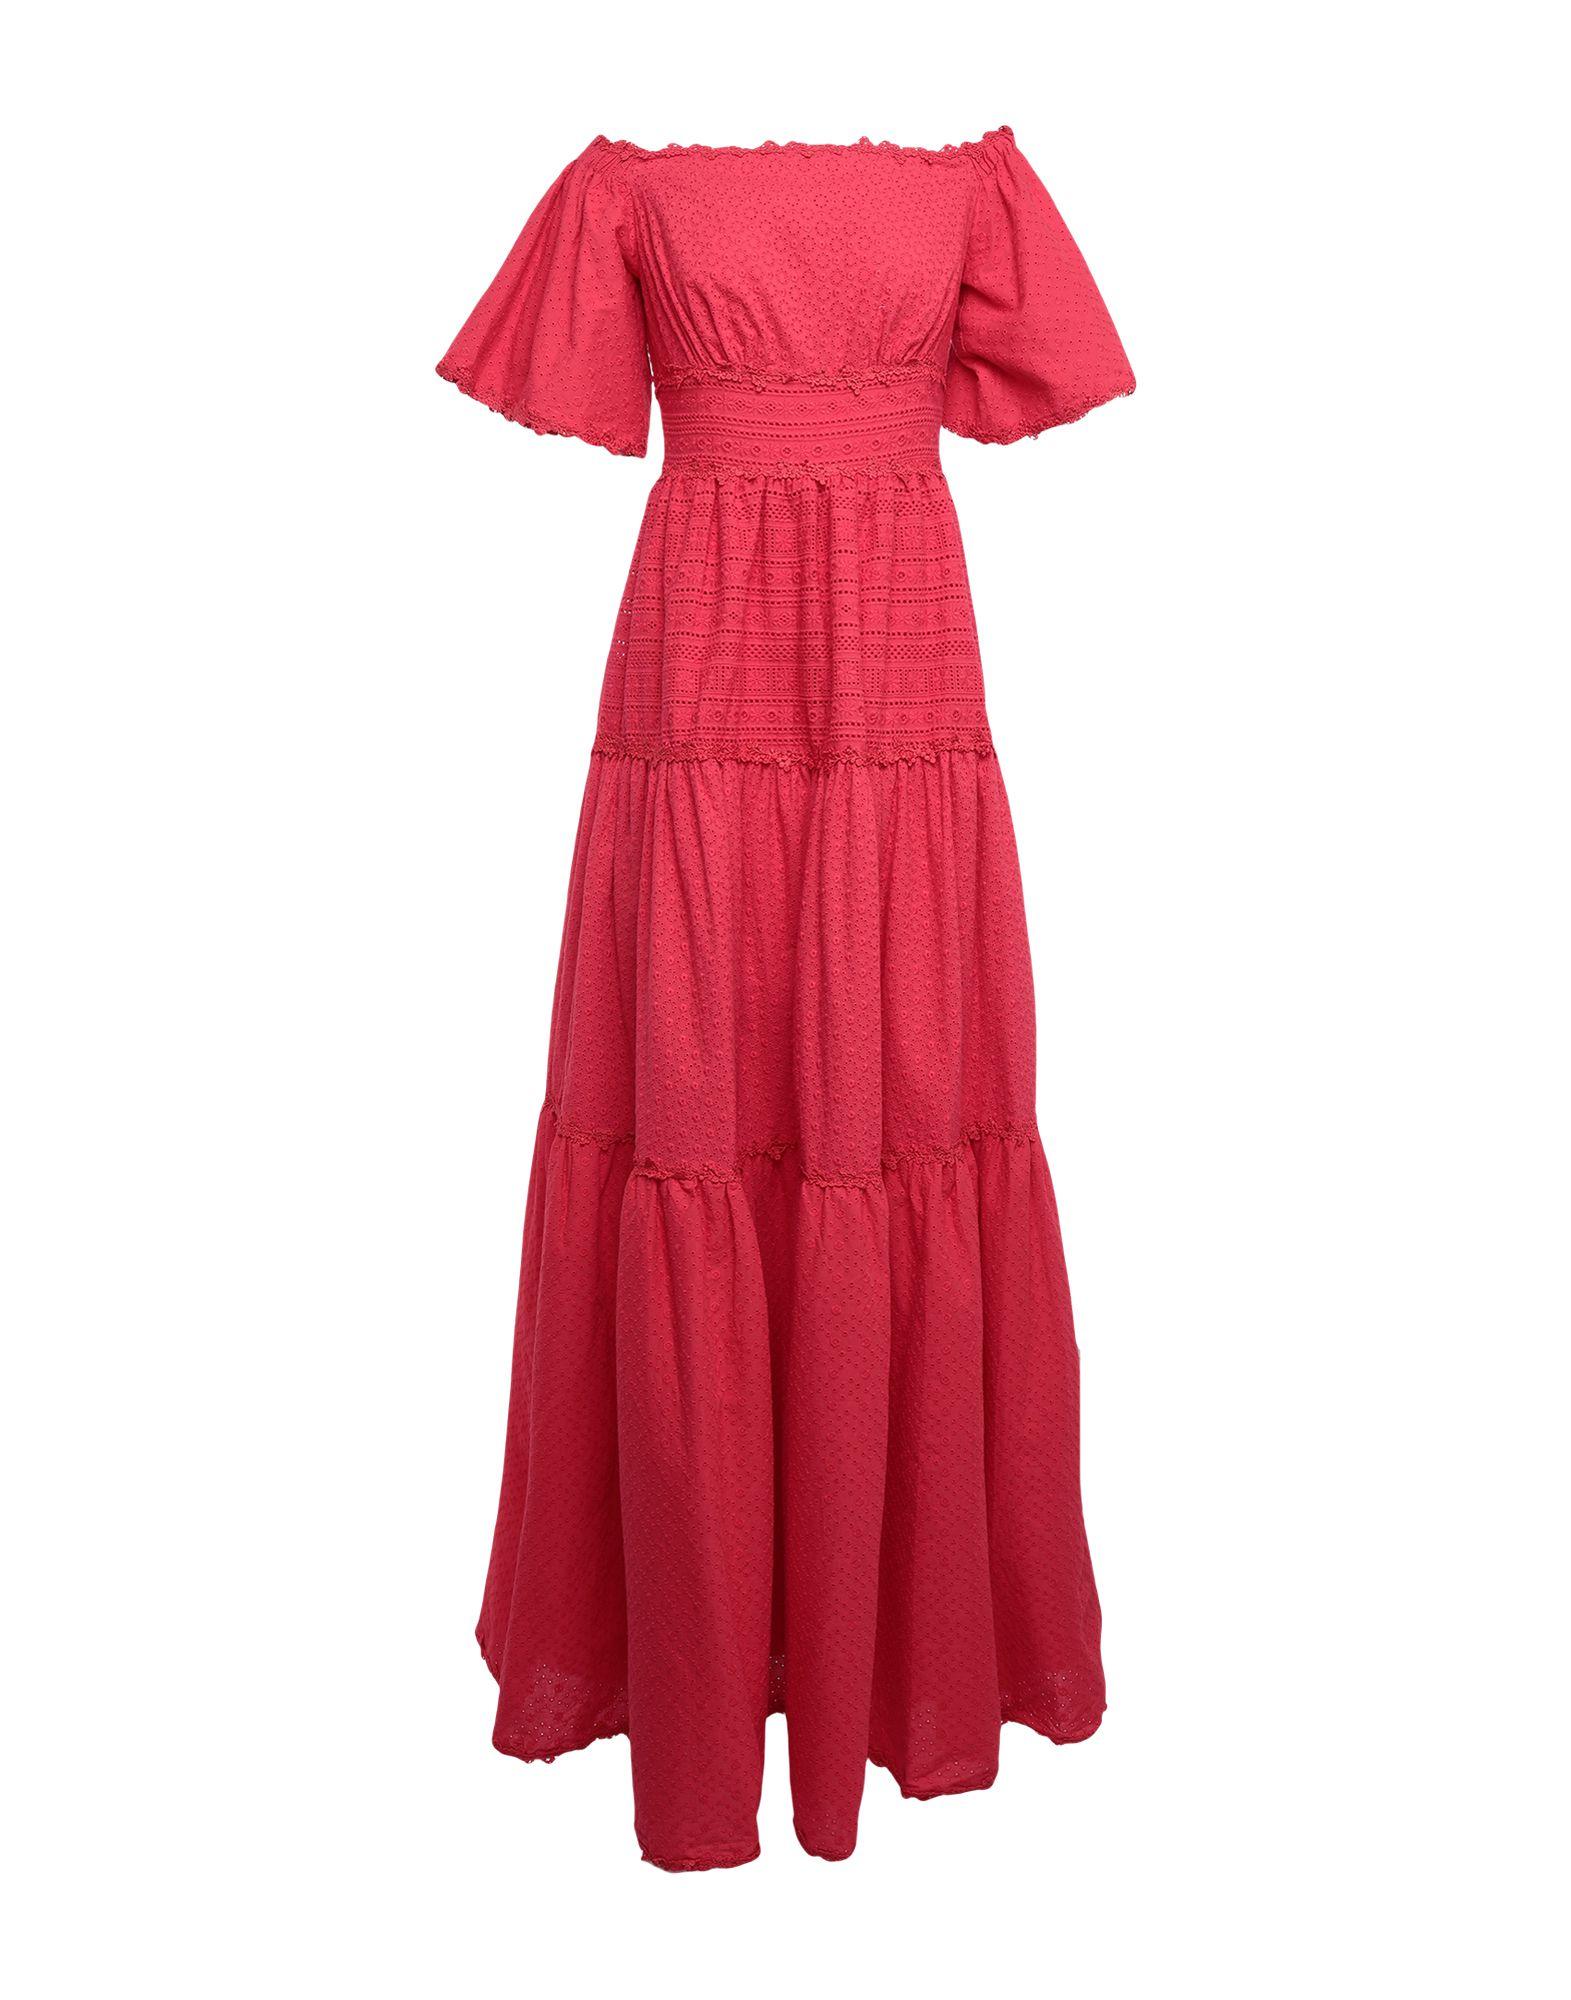 ISABEL GARCIA Длинное платье фото